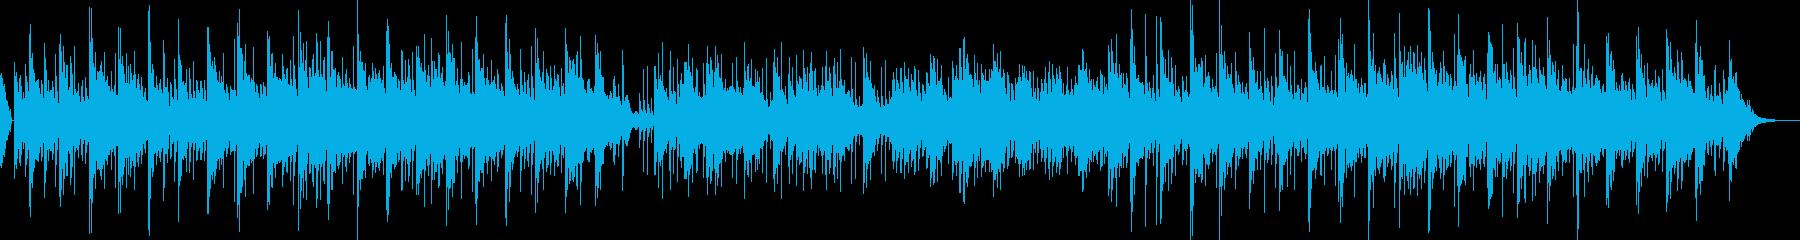 清らかな水をイメージした癒し・集中用の曲の再生済みの波形